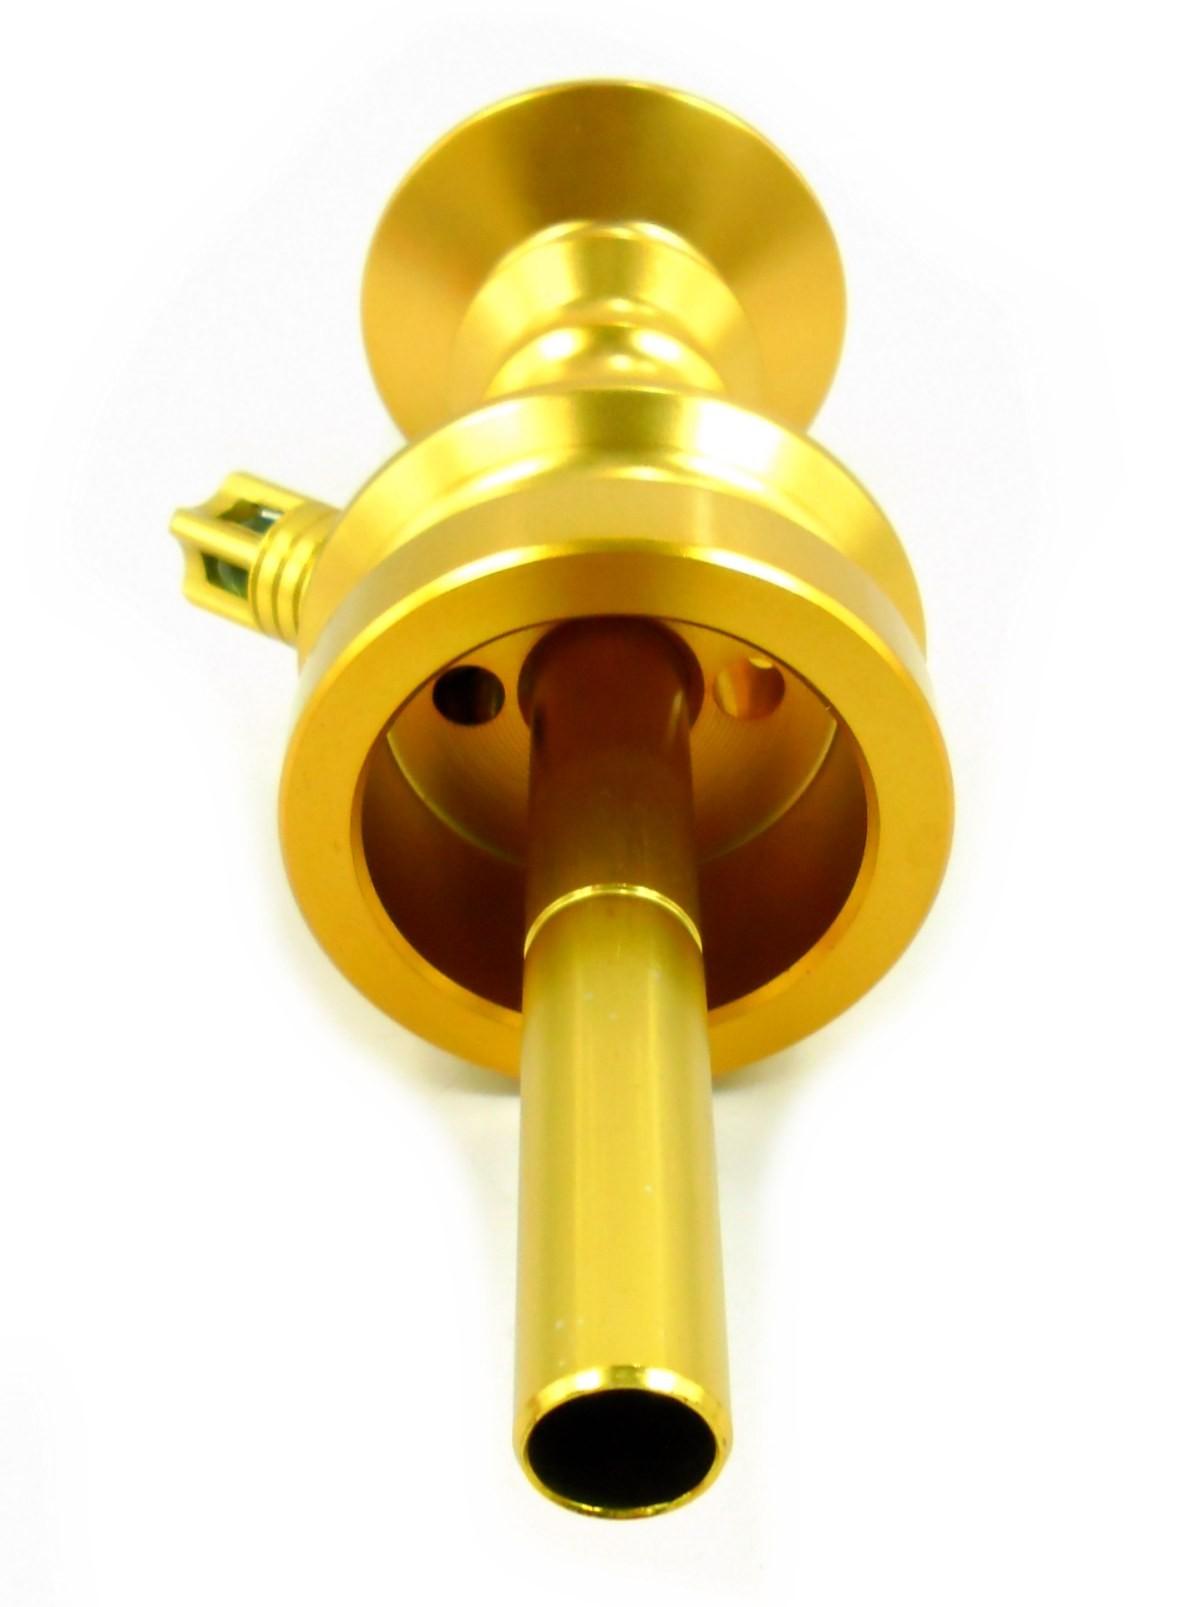 Stem (corpo de narguile) ANUBIS LITTLE MONSTER, em alumínio maciço, 22 cm. Cor:Dourado